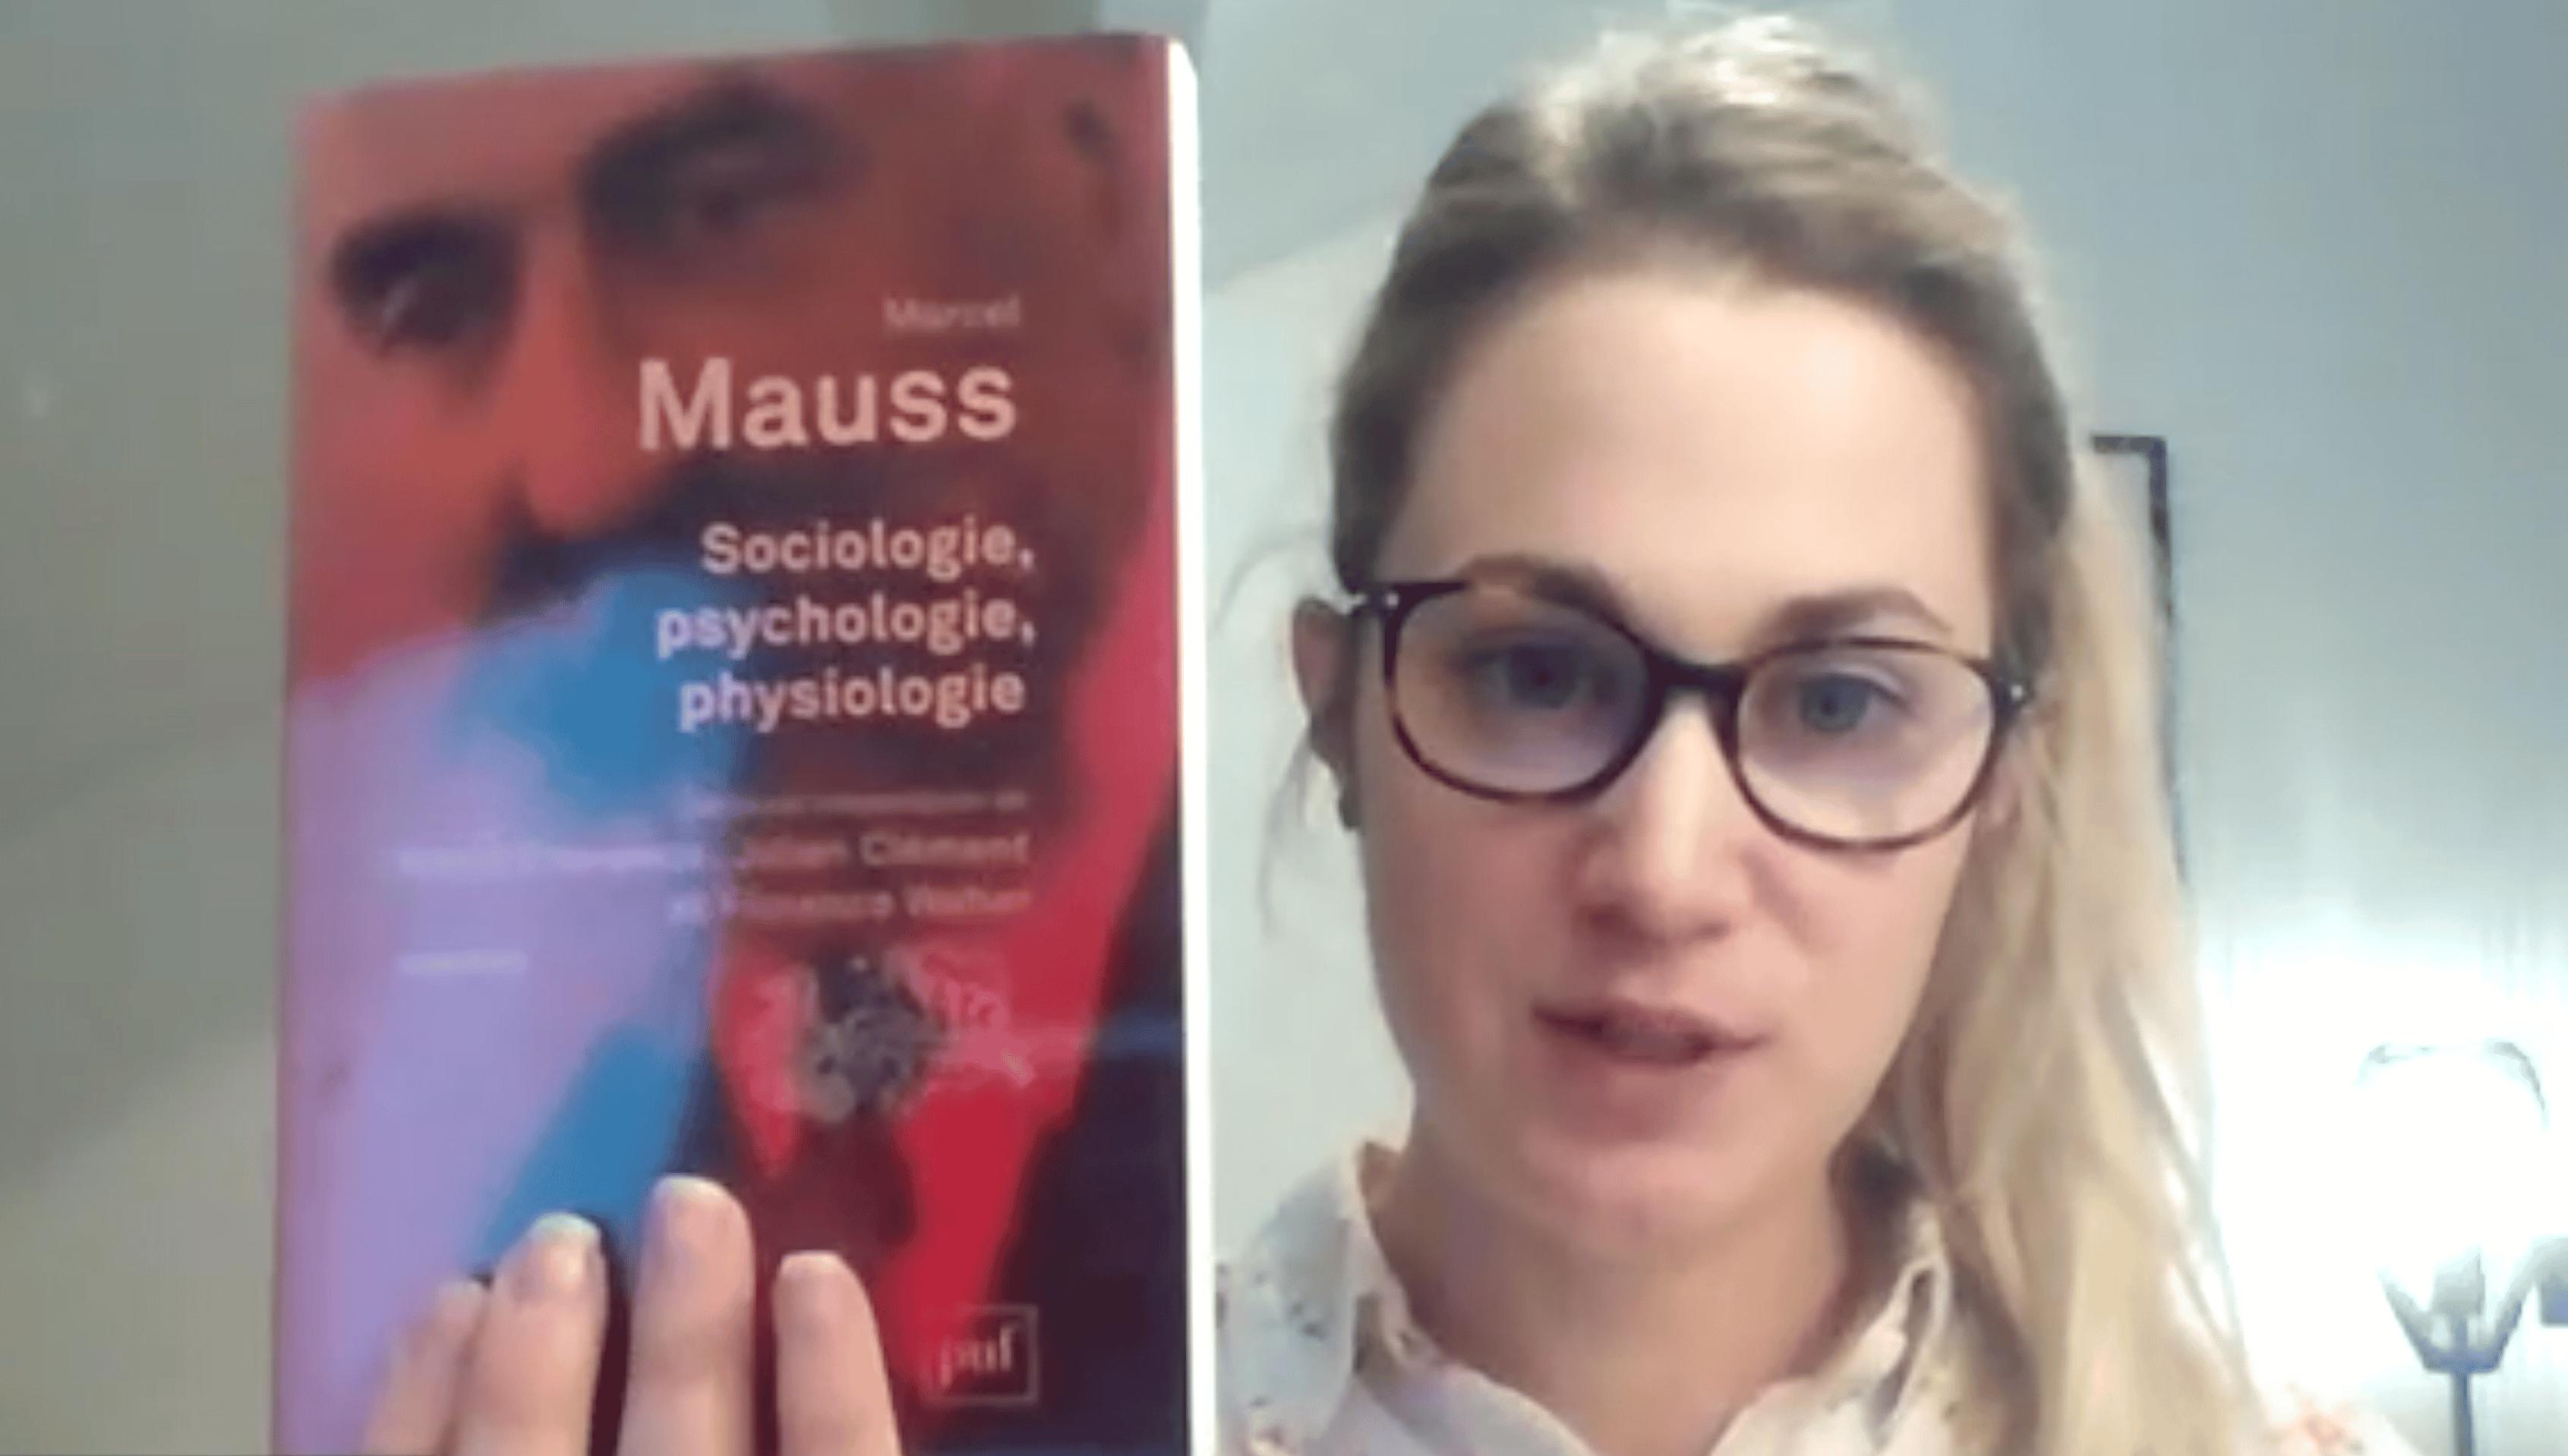 Sociologie psychologie et physiologie, autour de la pensée de Marcel Mauss